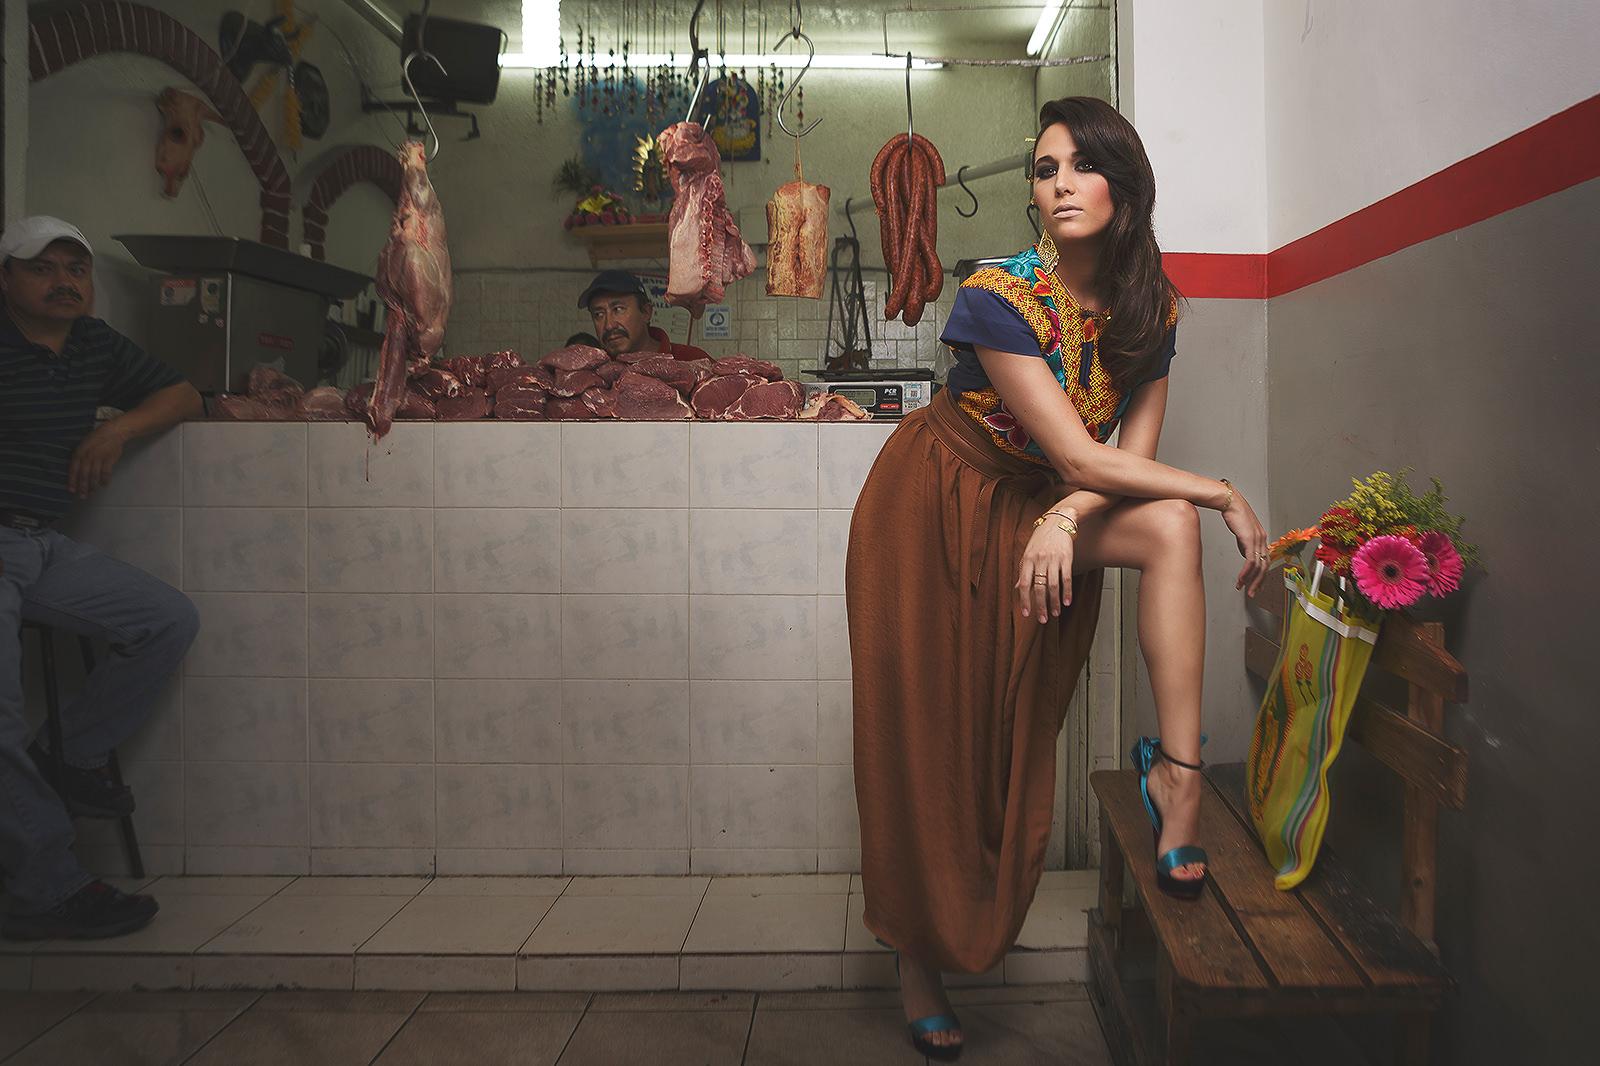 marcosvaldés|FOTÓGRAFO® feat LA MEXICANA